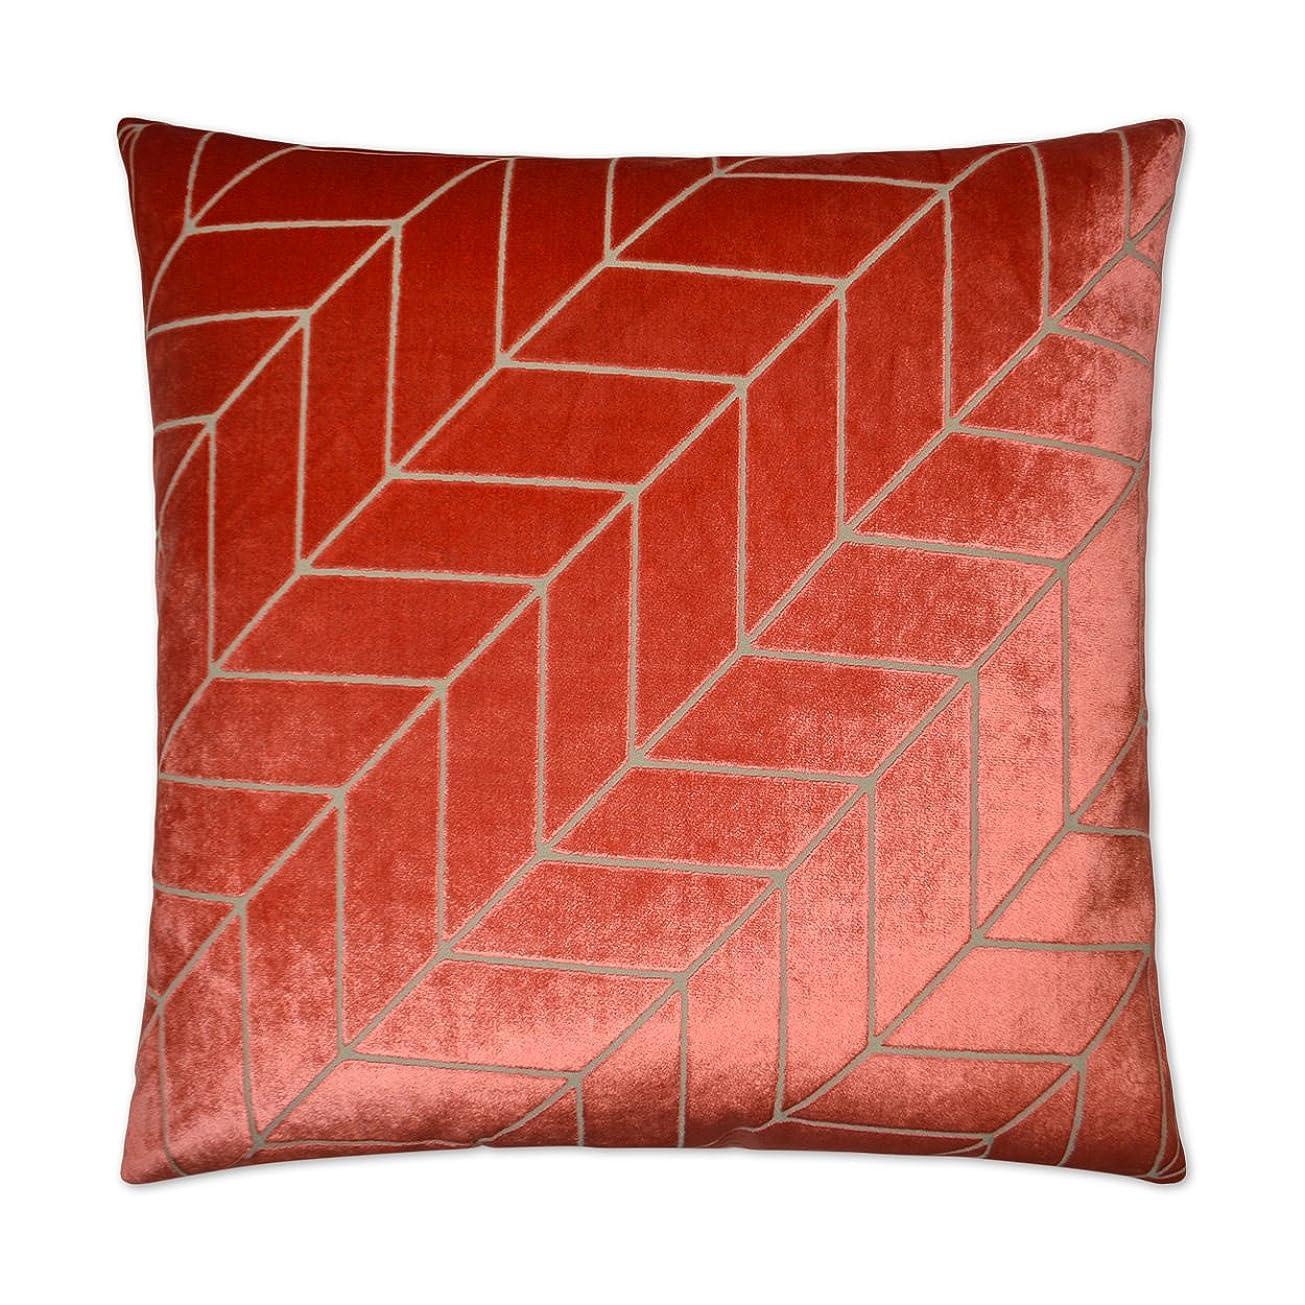 打たれたトラック嵐のカニCanaan会社装飾枕van Ness Studio 2599-c villa-coral